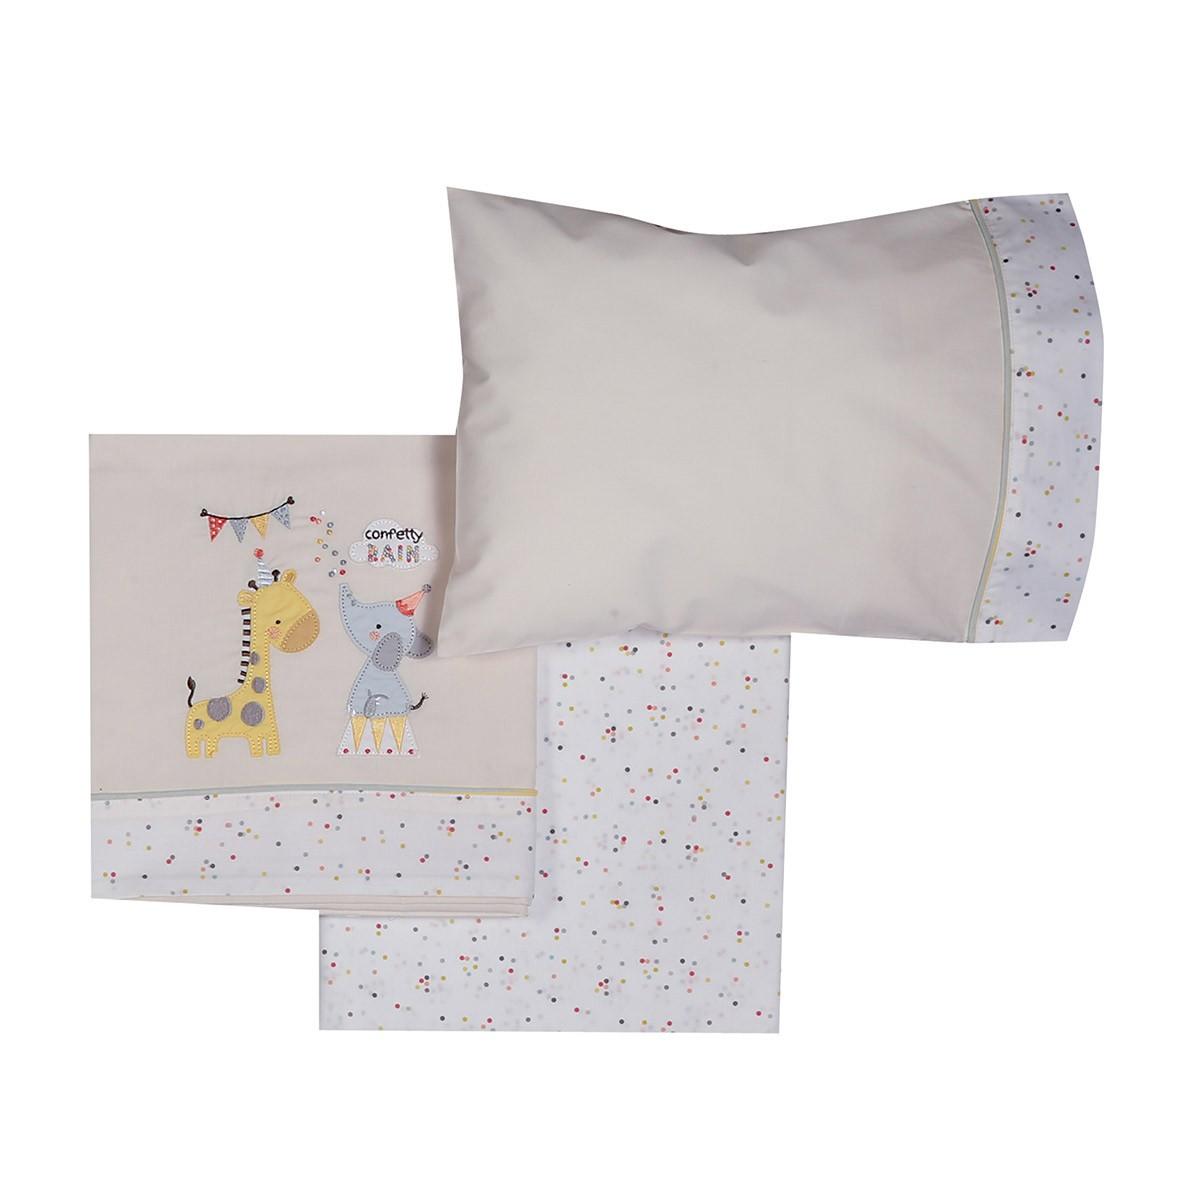 Σεντόνια Κούνιας (Σετ) Nef-Nef Baby Confetti Rain